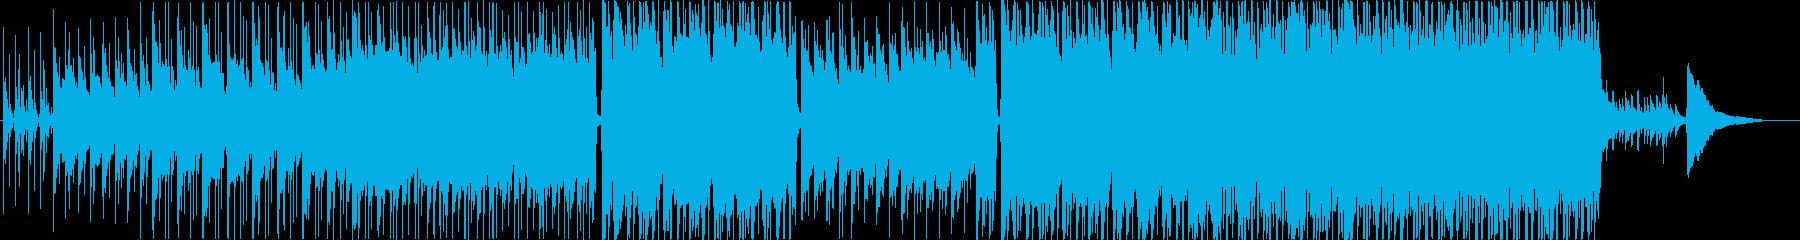 のんびとした爽やかなポップスBGMの再生済みの波形